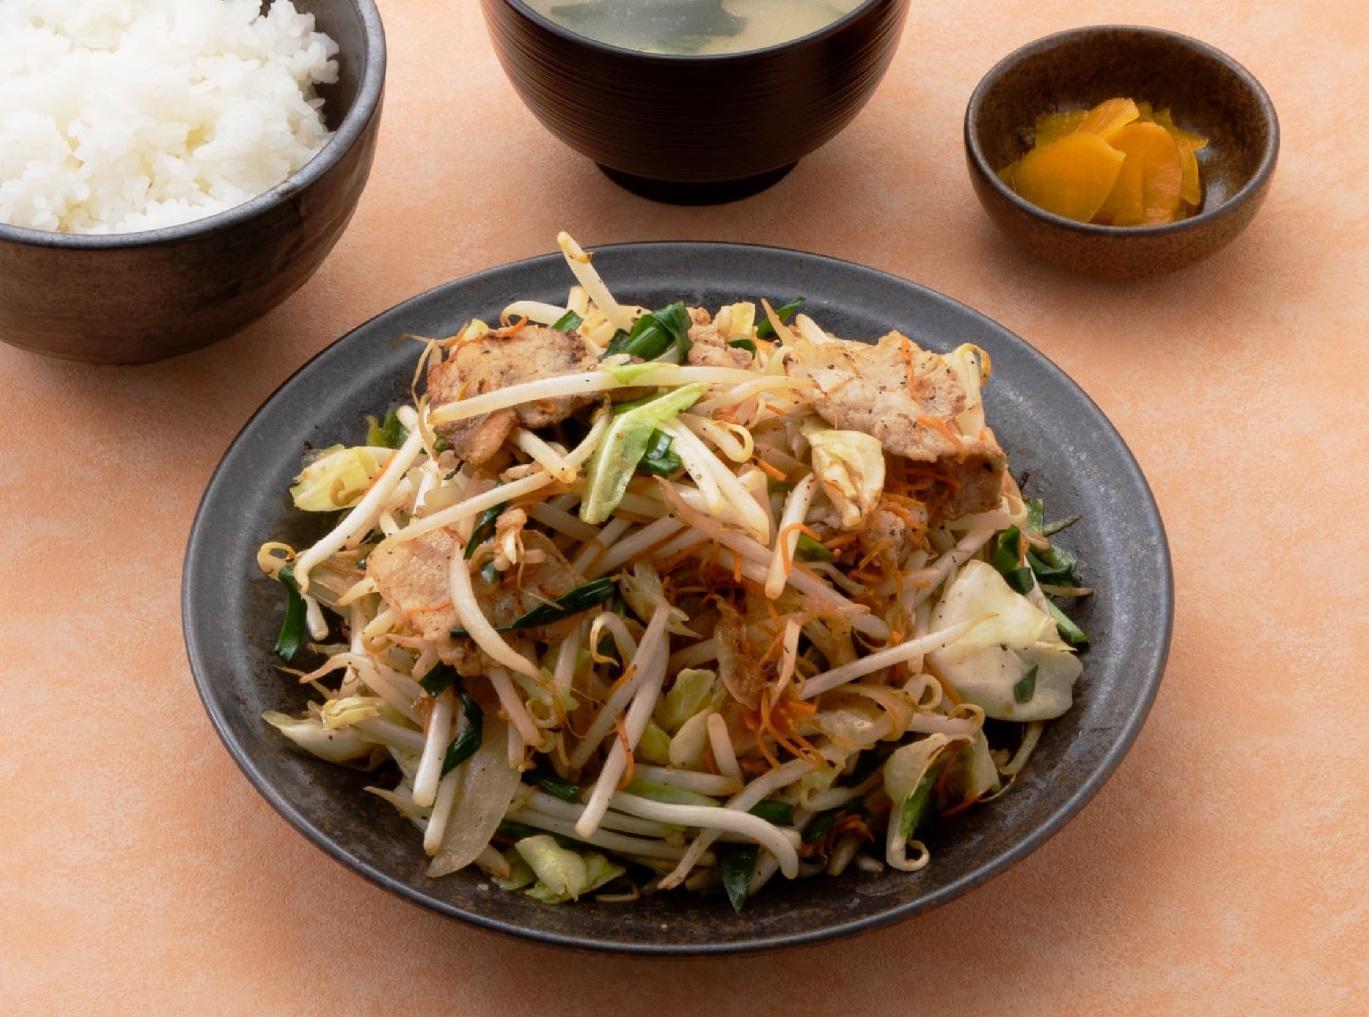 第3位「特製肉野菜炒め定食」のイメージ画像